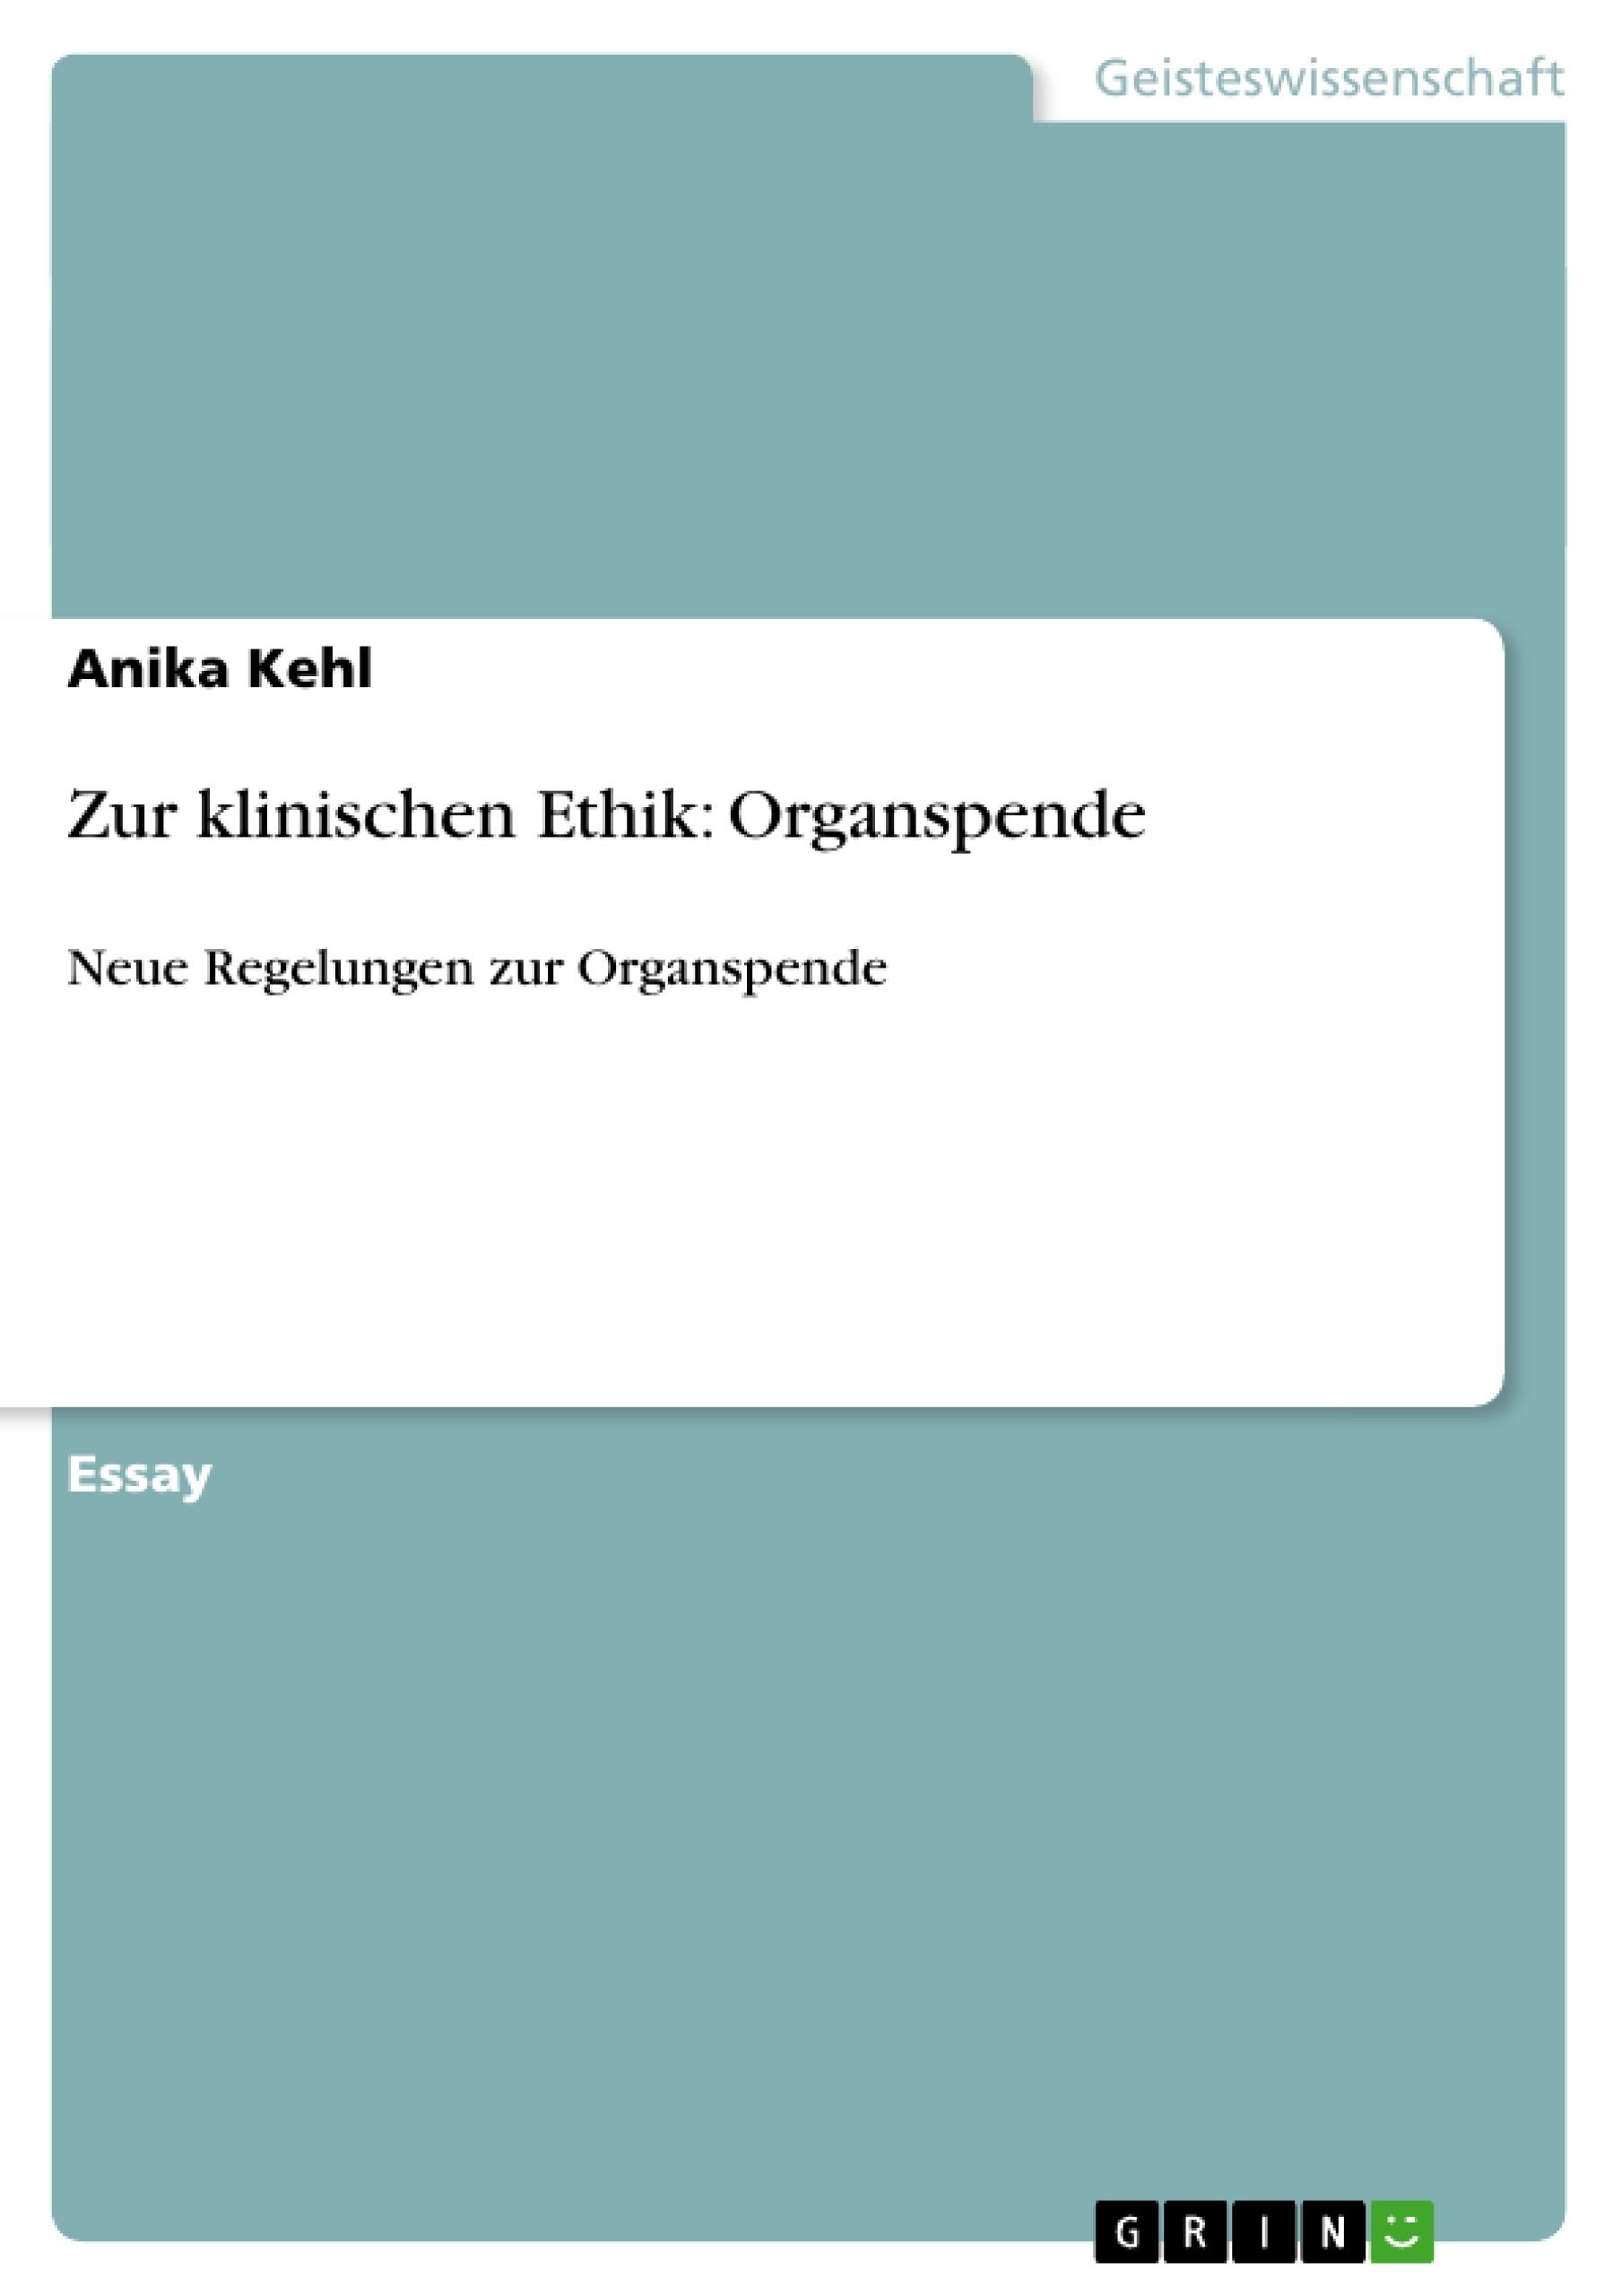 Titel: Zur klinischen Ethik: Organspende